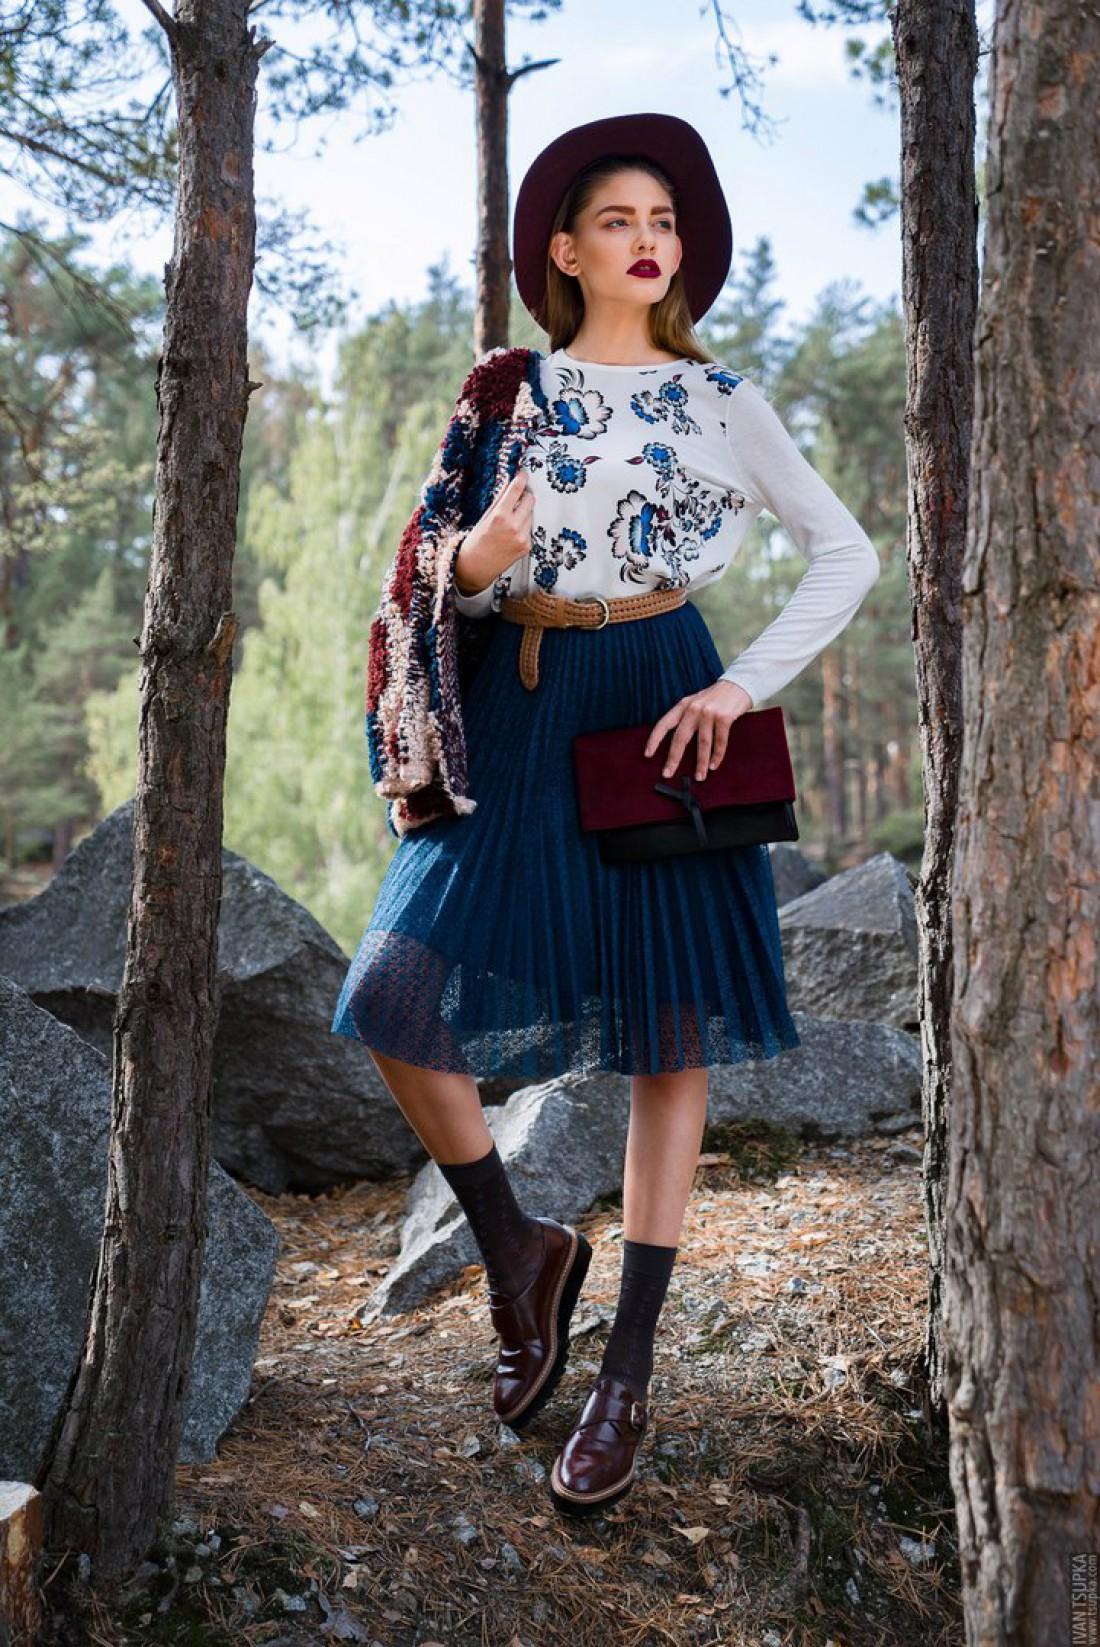 Арина Любителева дала советы начинающим моделям